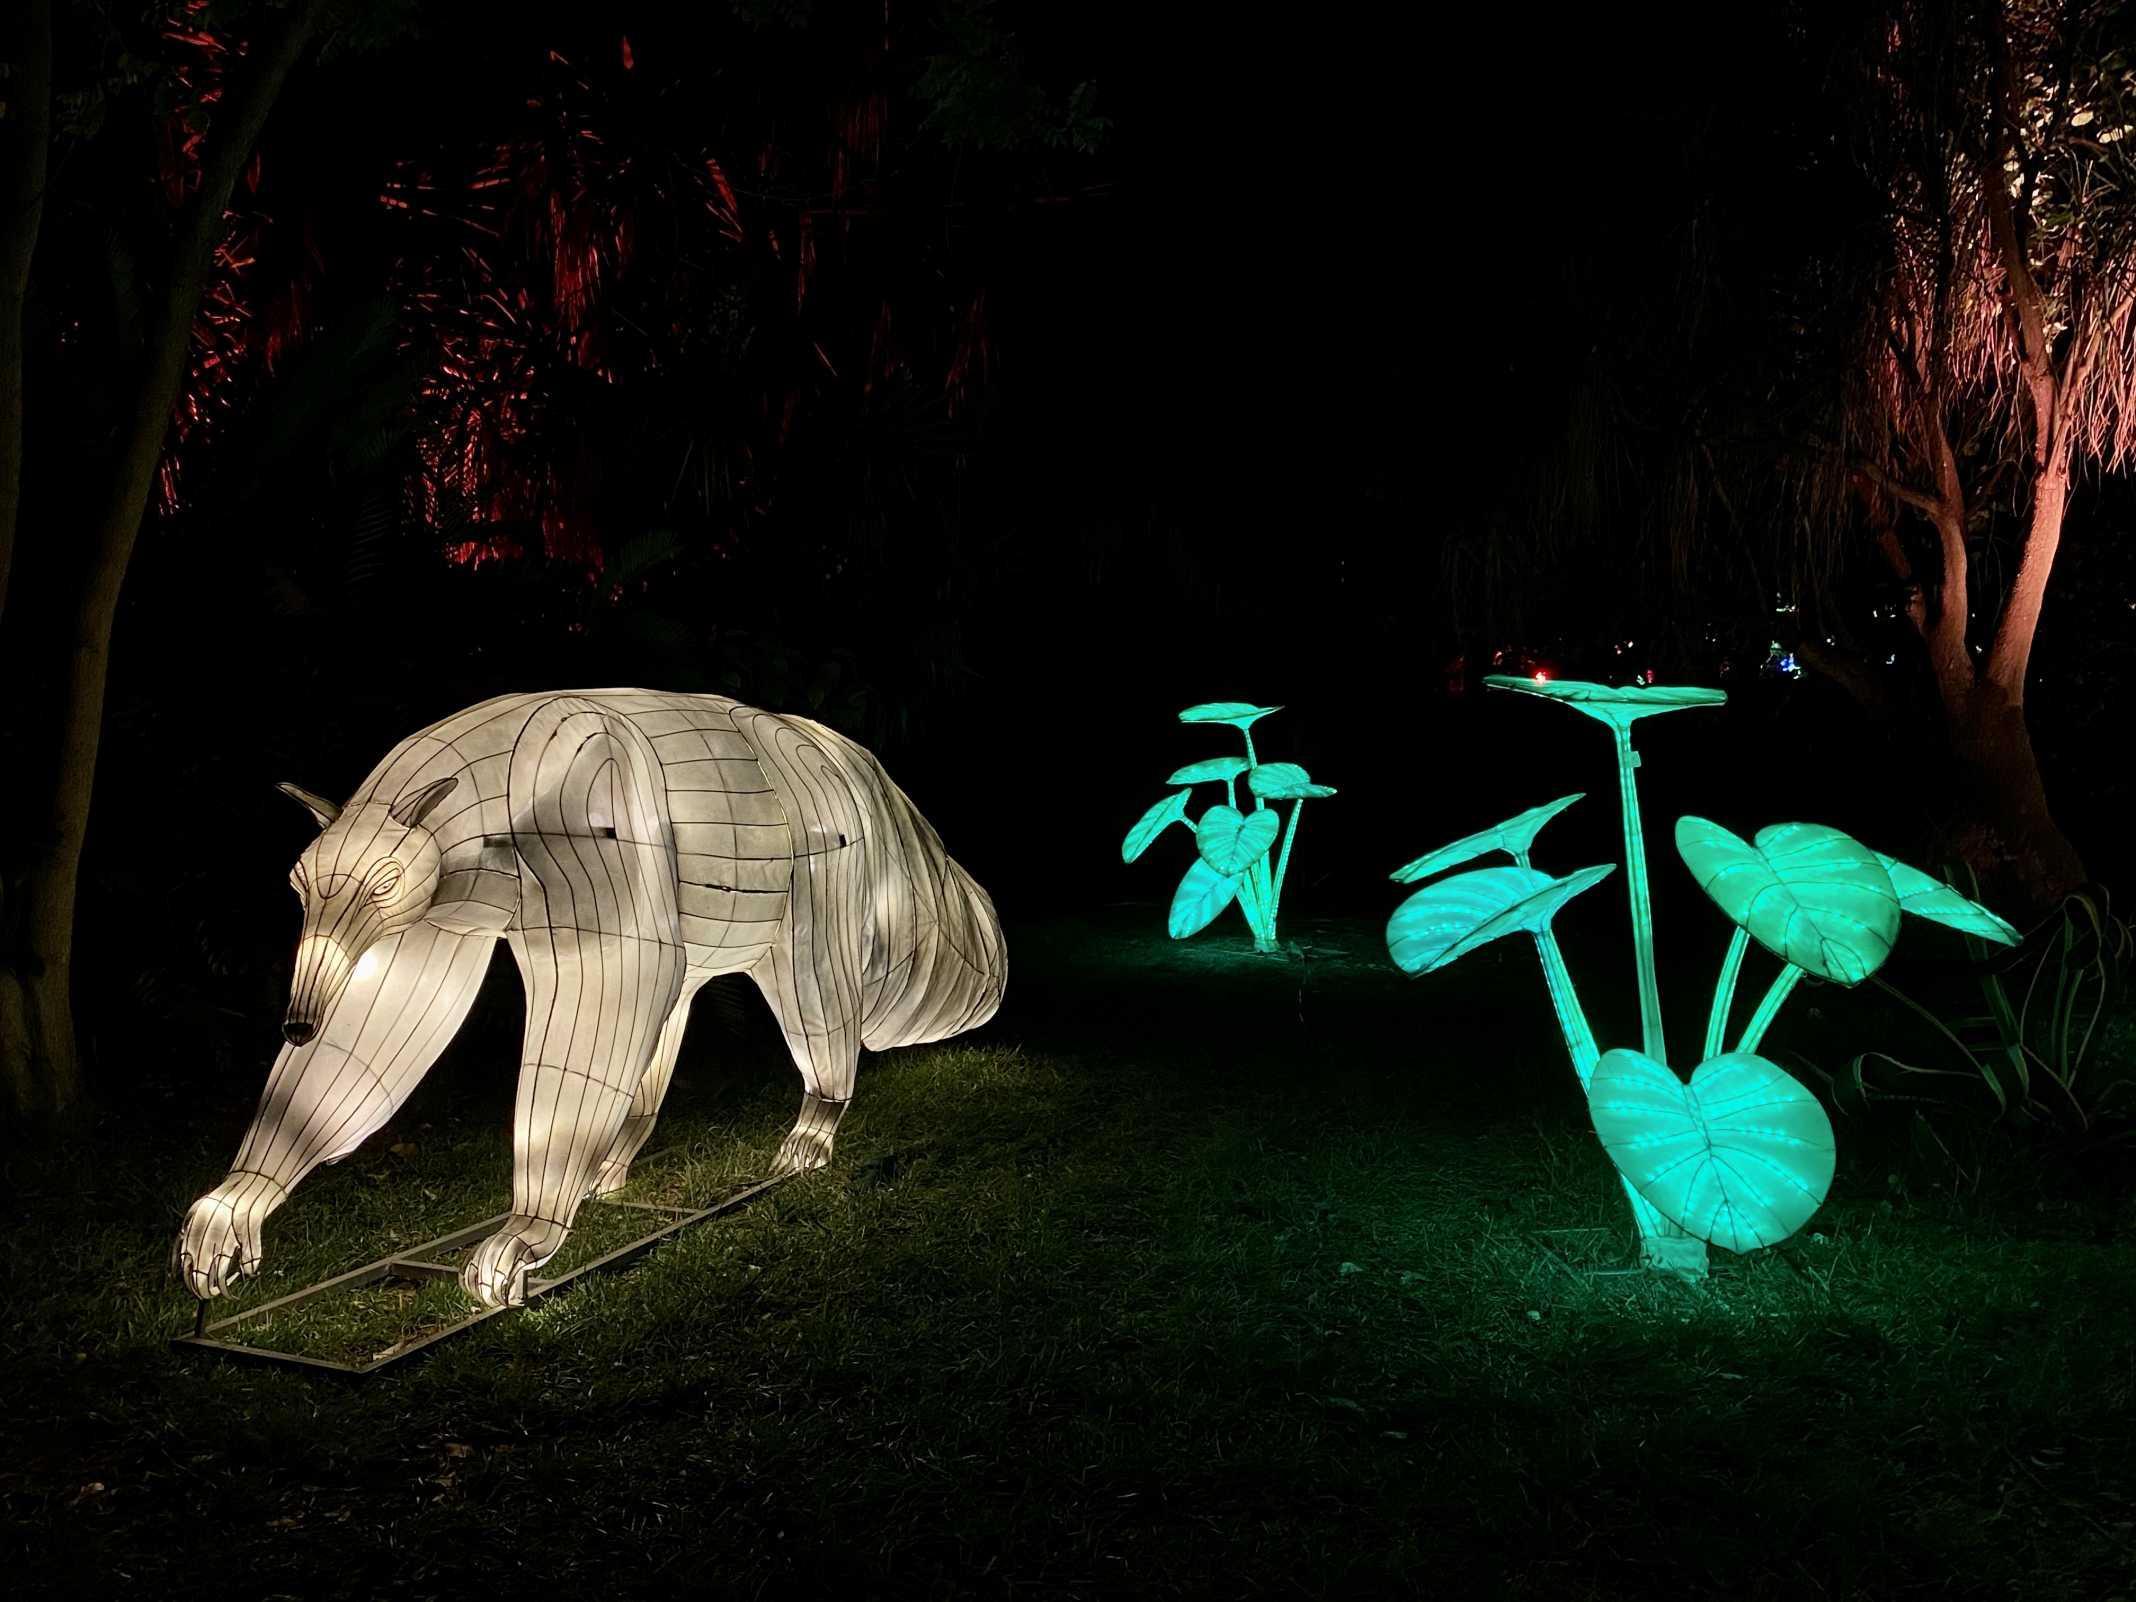 jardim luzes lisboa